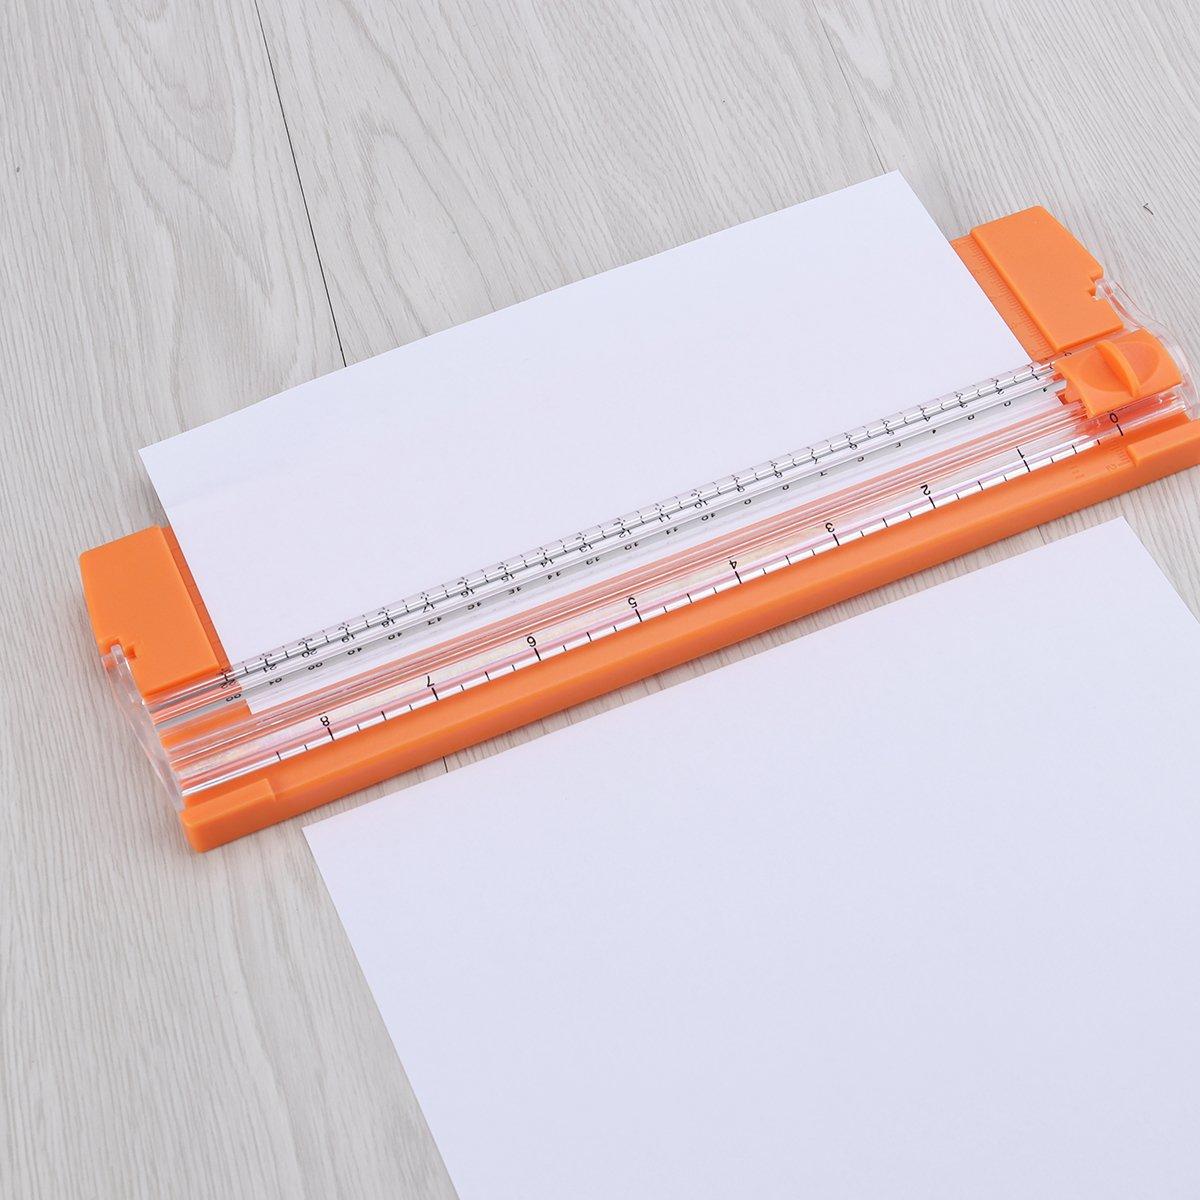 Zuf/ällige Farbe ROSENICE A5 Papierschneider Tragbare Papier Trimmer mit Rutsche Lineal